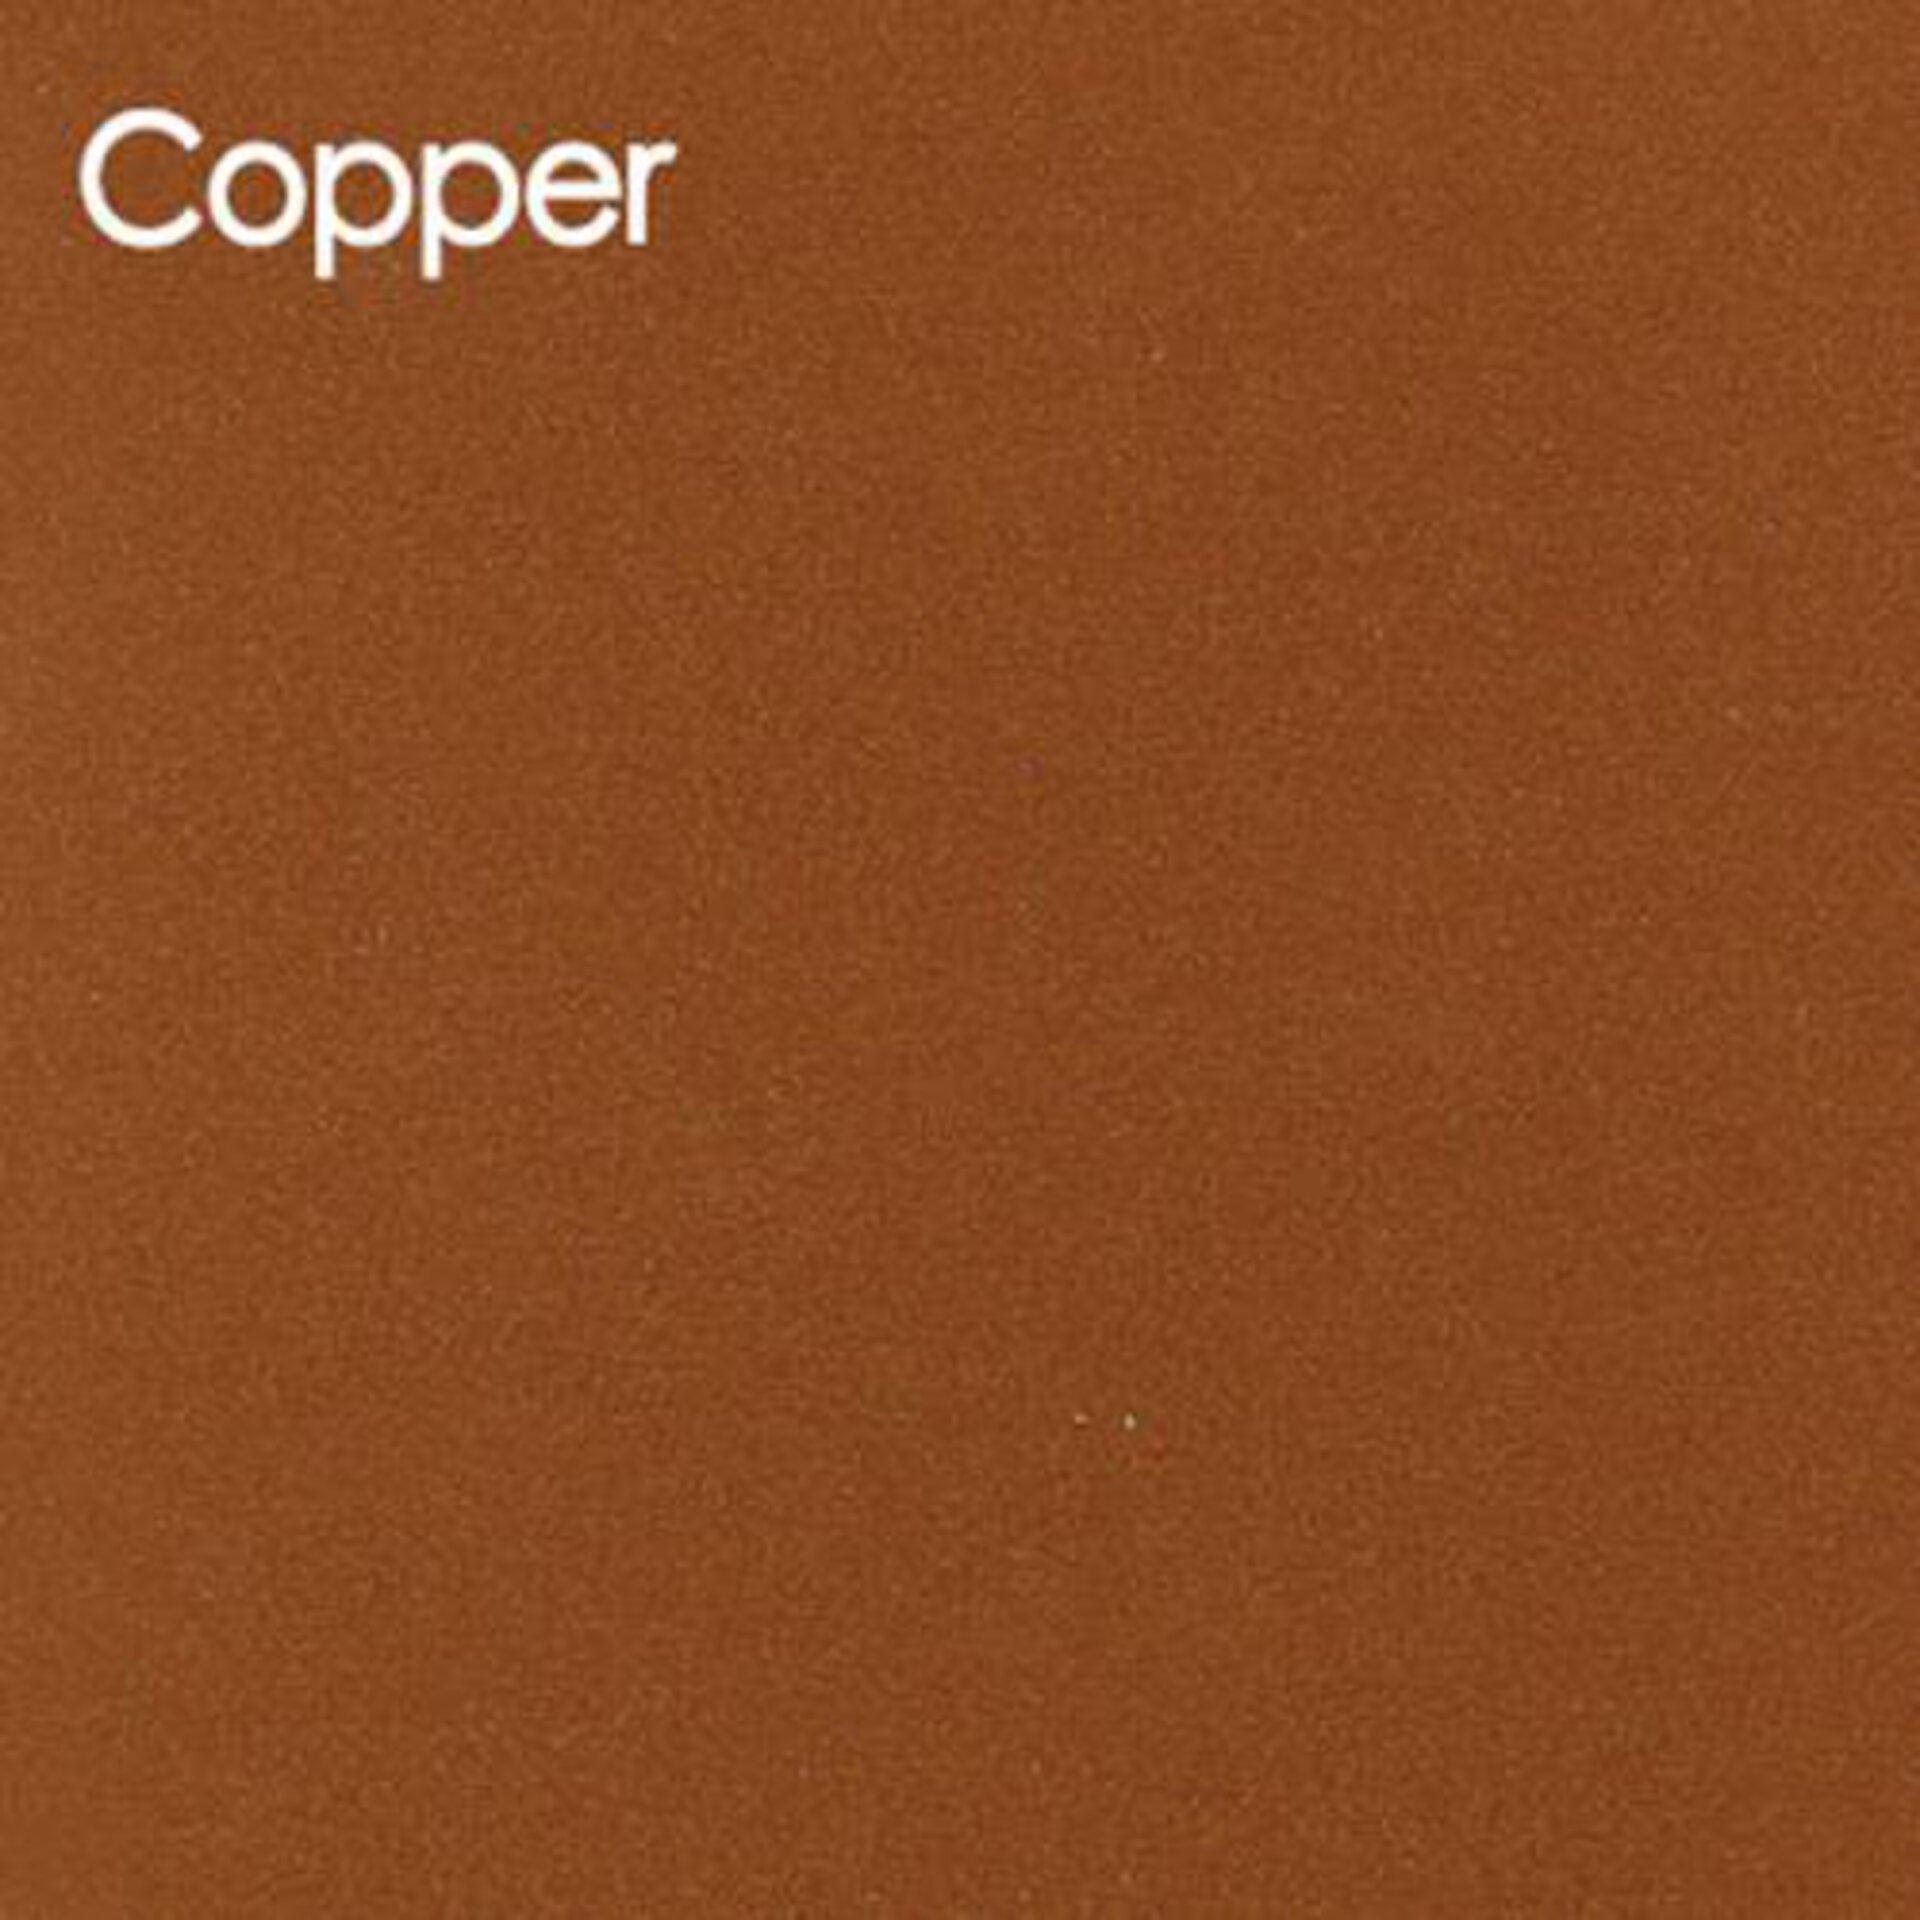 Arbeitsplatte aus Glas im Farbton Kupfer